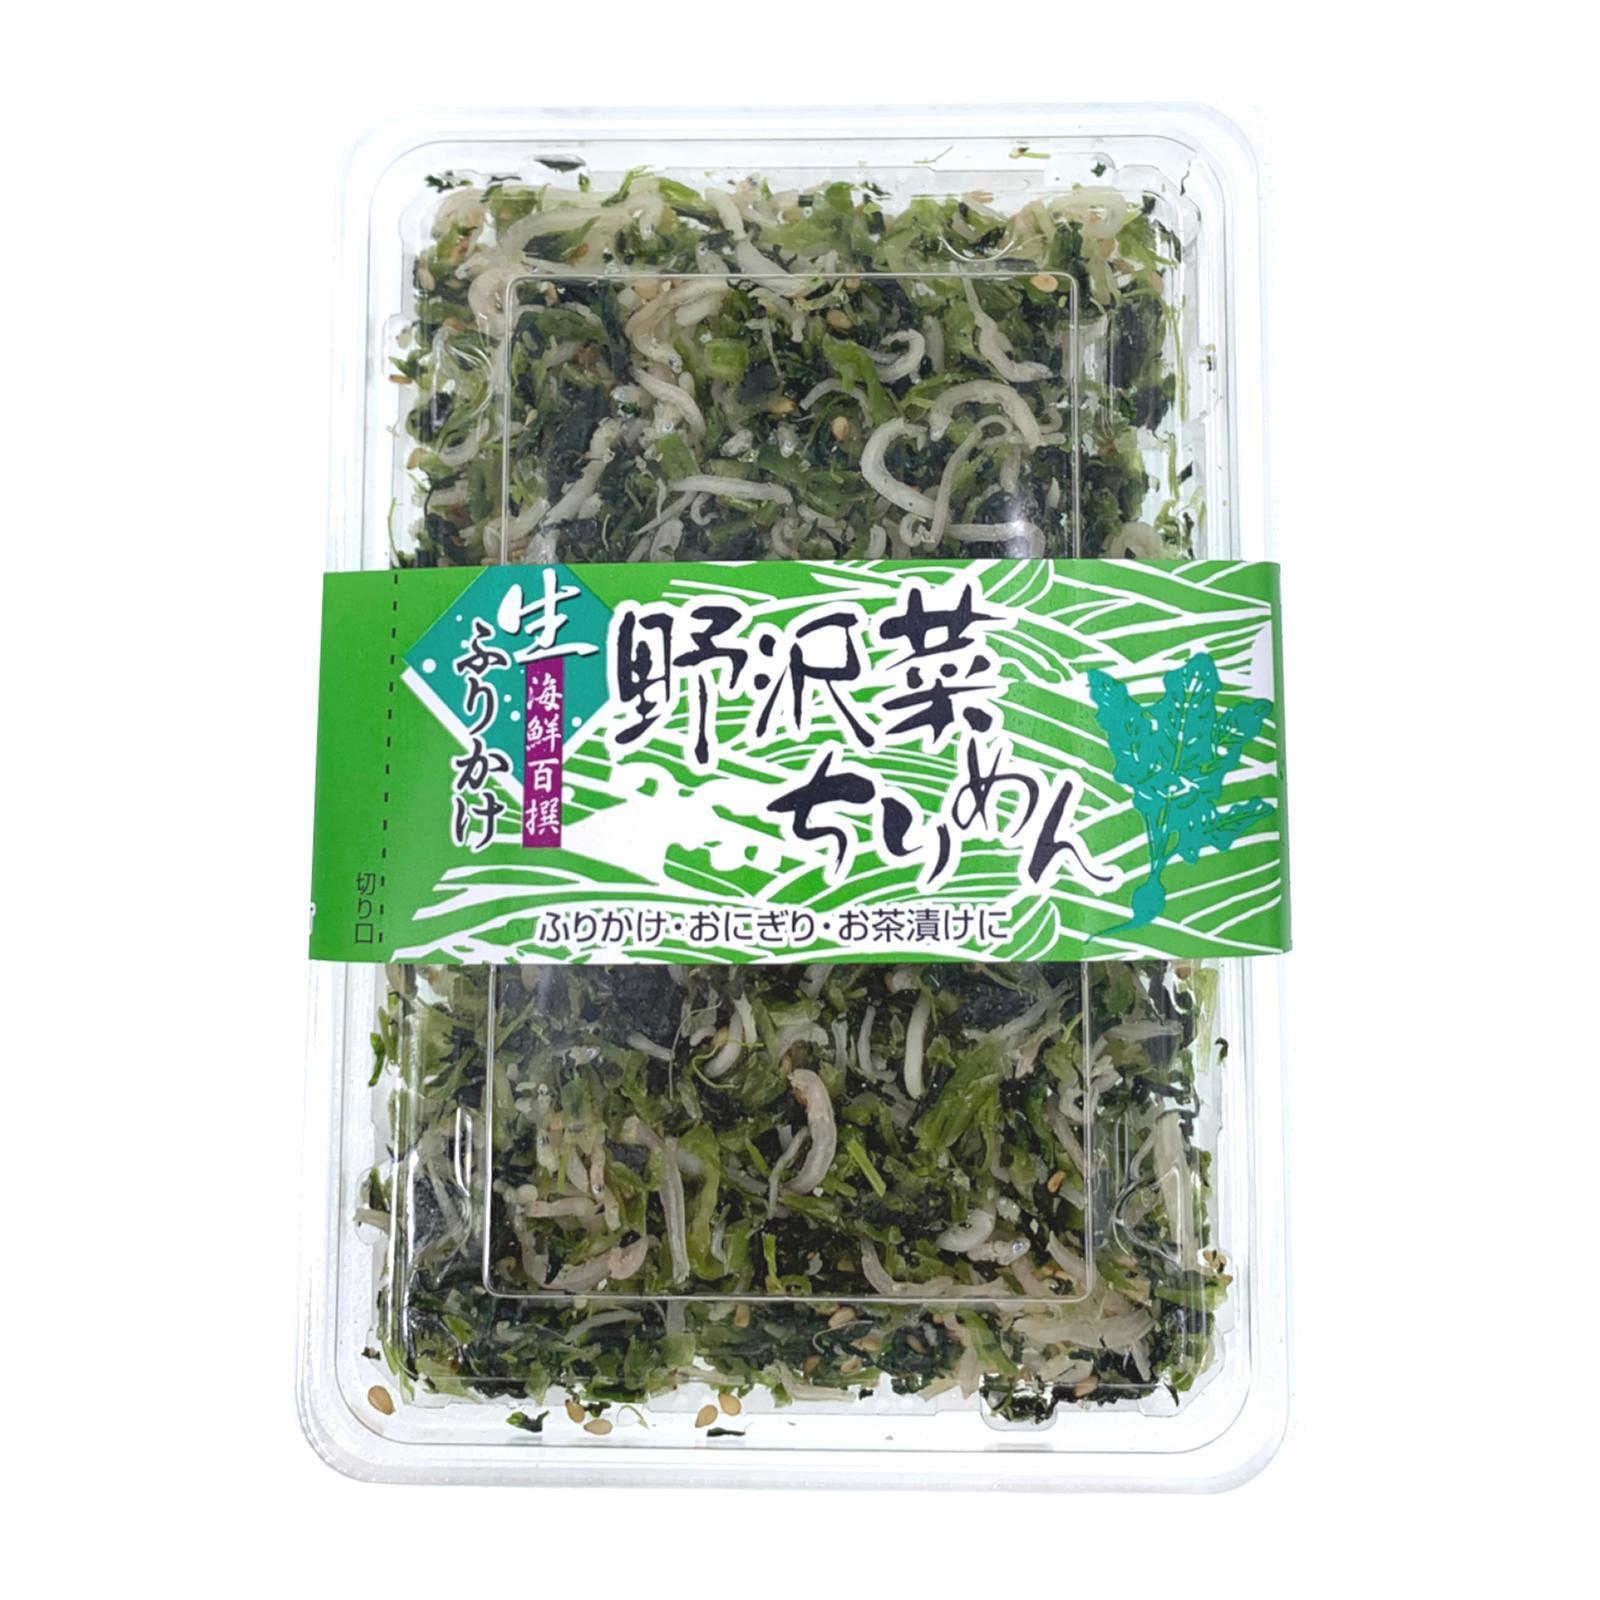 Sawada Fresh Nozawana Chirimen (Baby Sardines) Toppings - Frozen